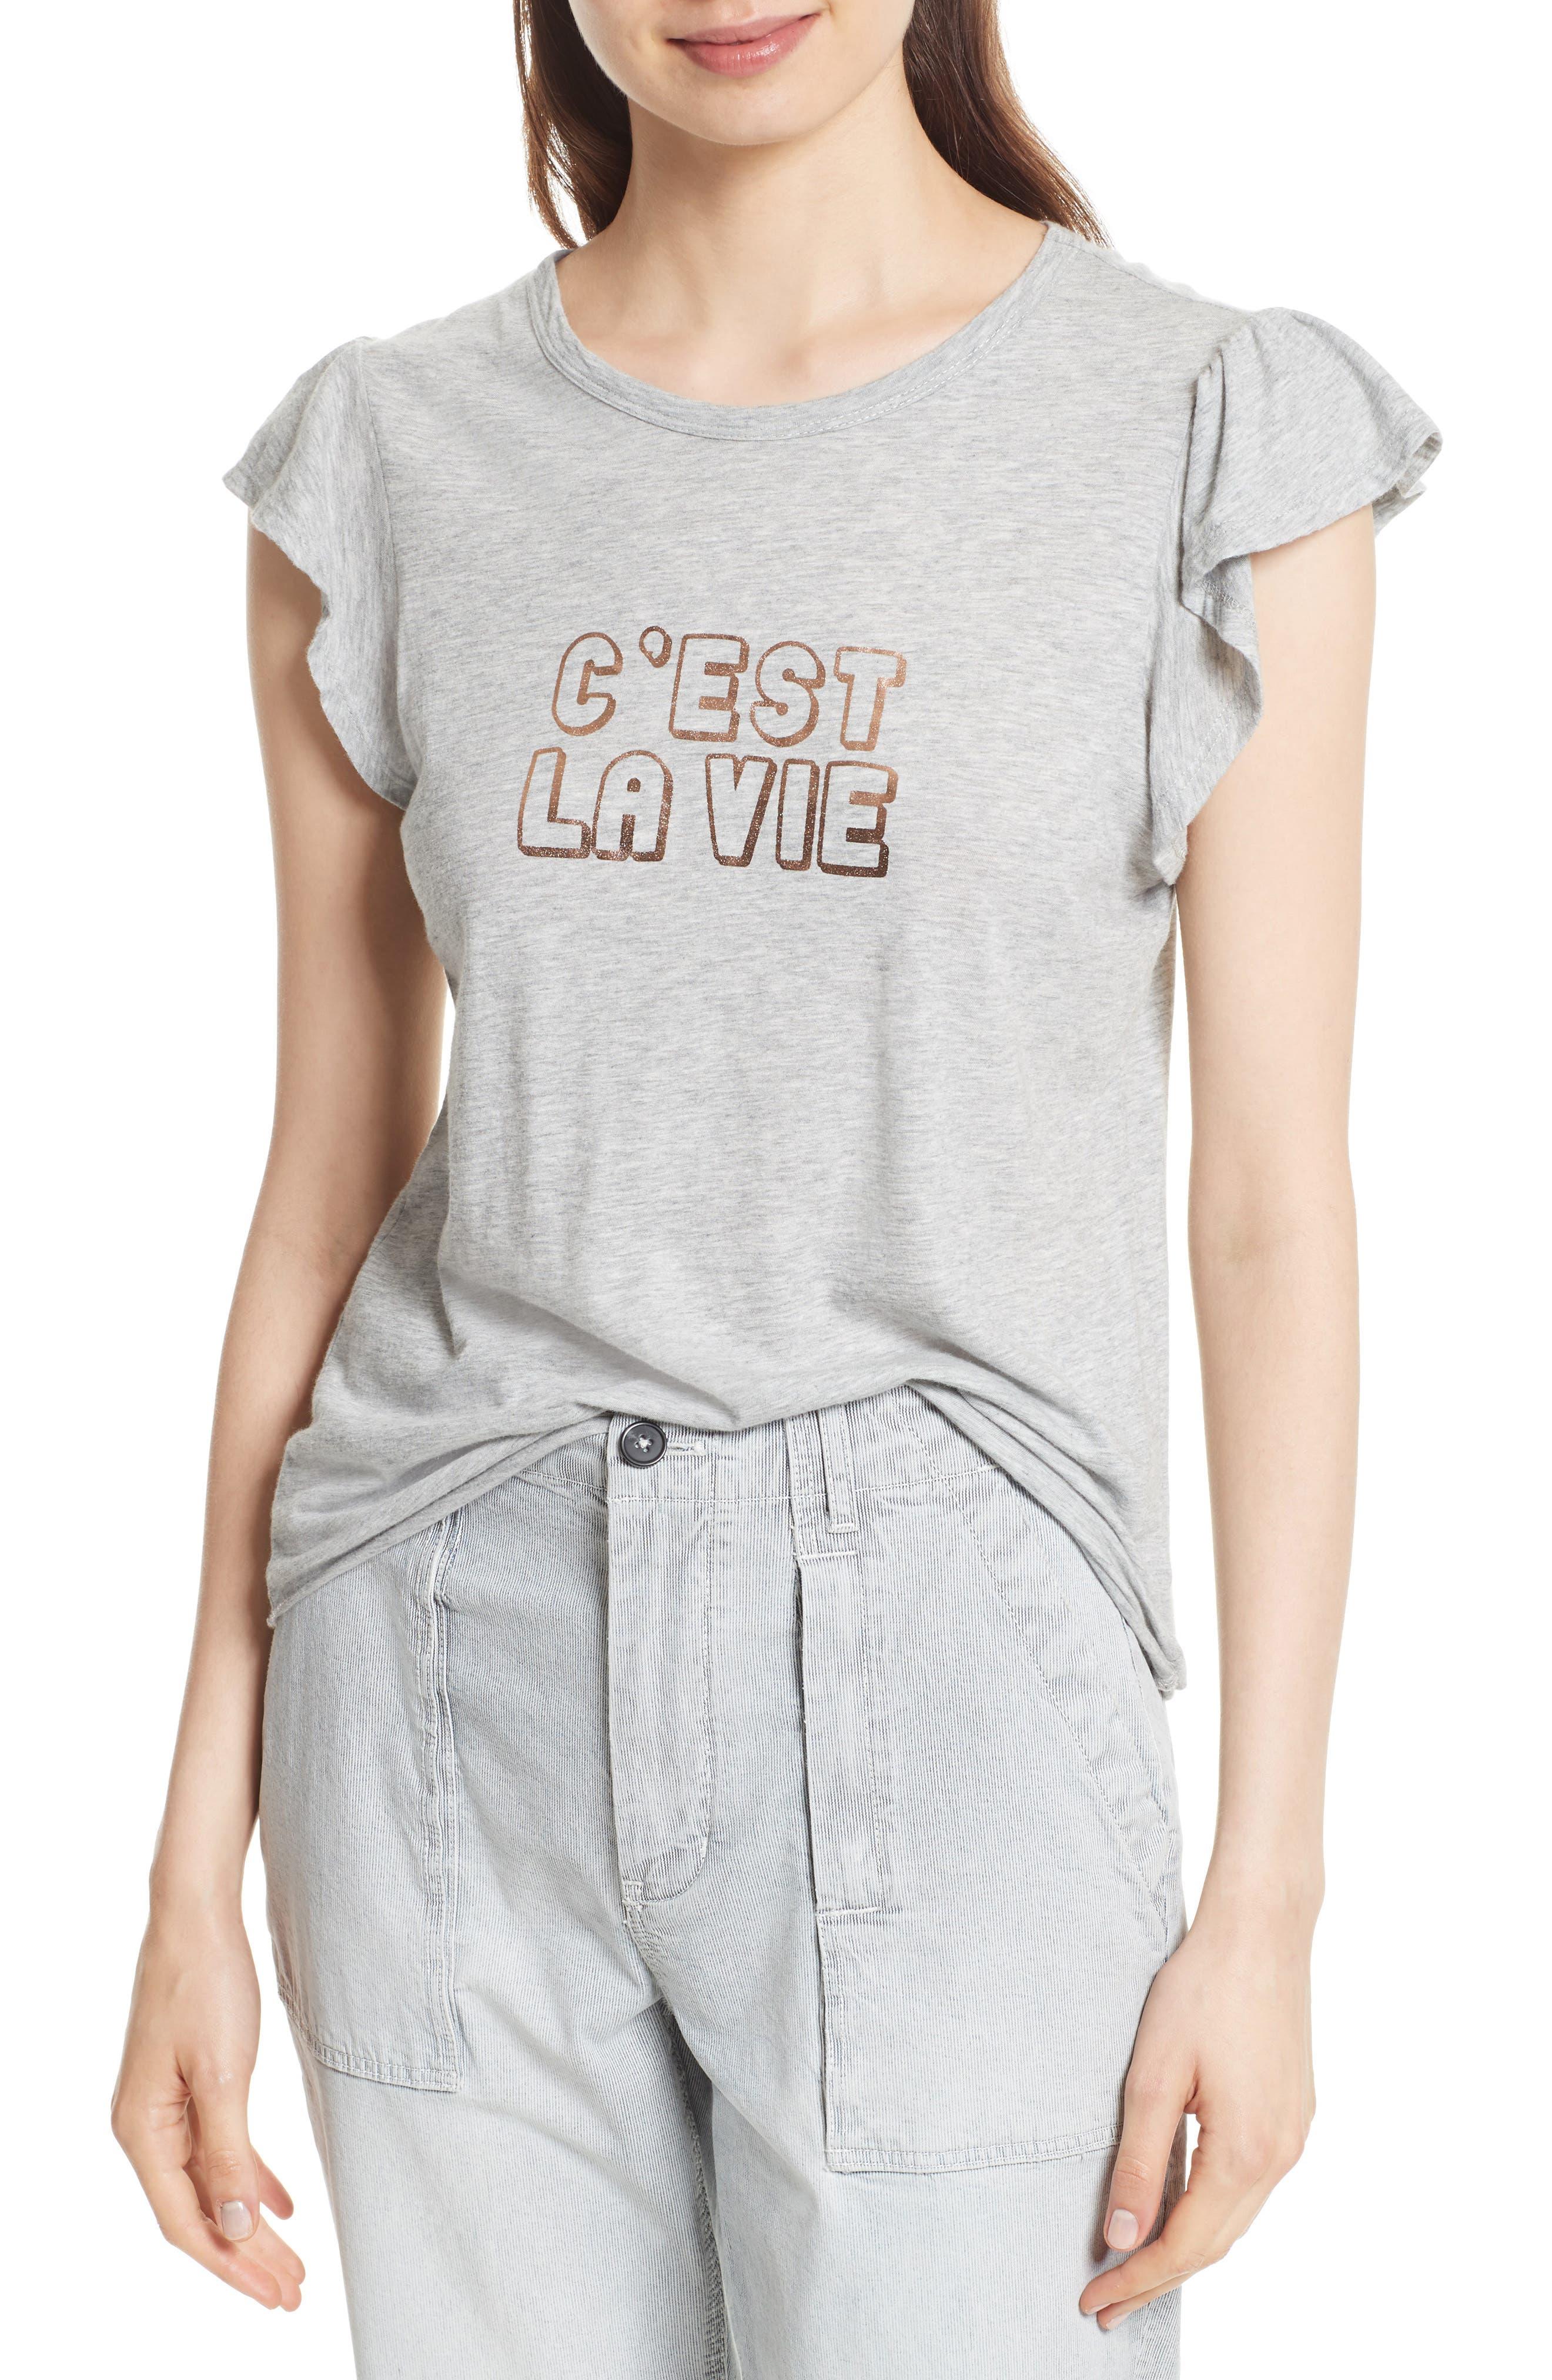 Alternate Image 1 Selected - La Vie Rebecca Taylor Foil Logo Flutter Sleeve Tee